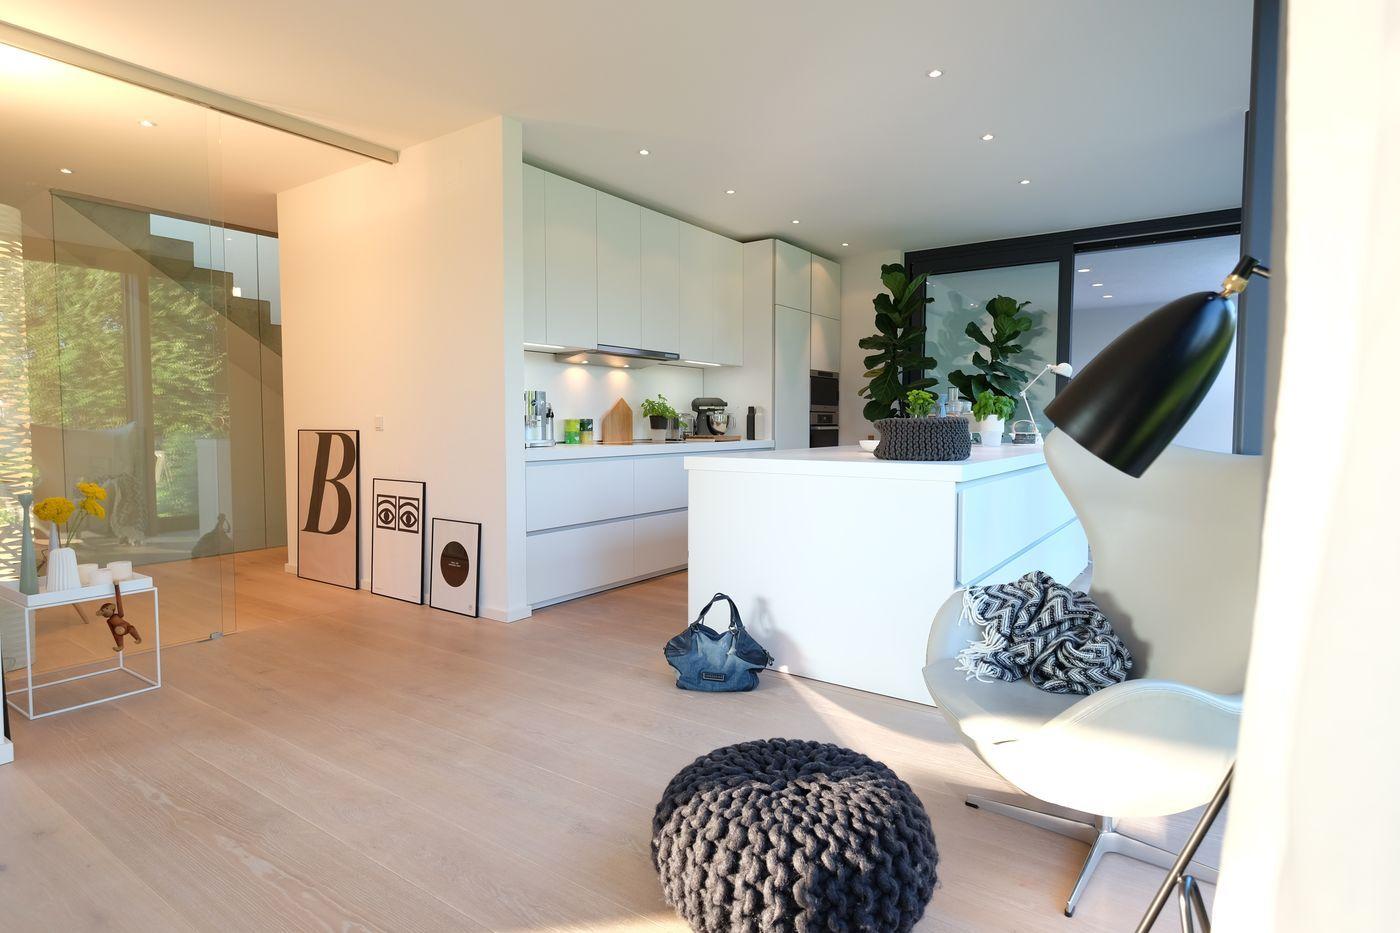 Fettfilter dunstabzugshaube beste wohndesign und möbel